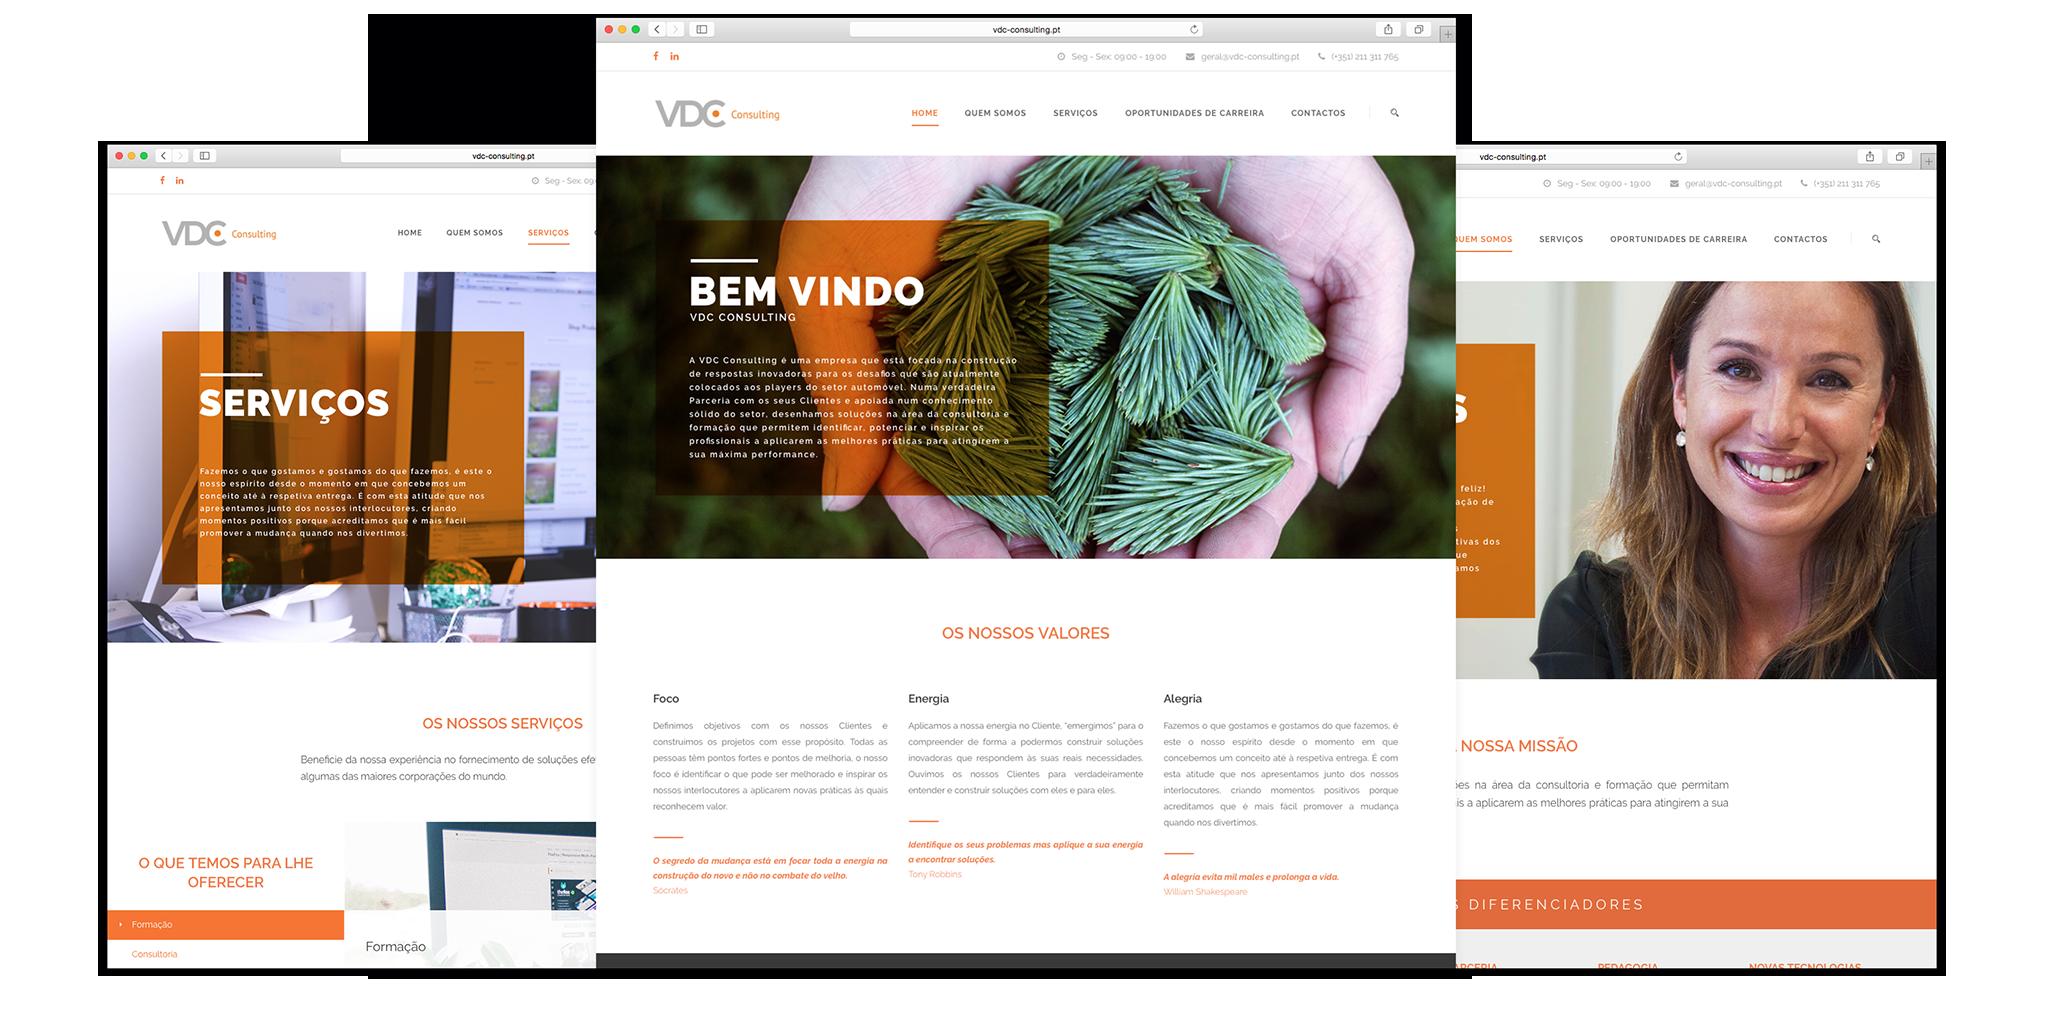 Criação de websites - VDC Consulting